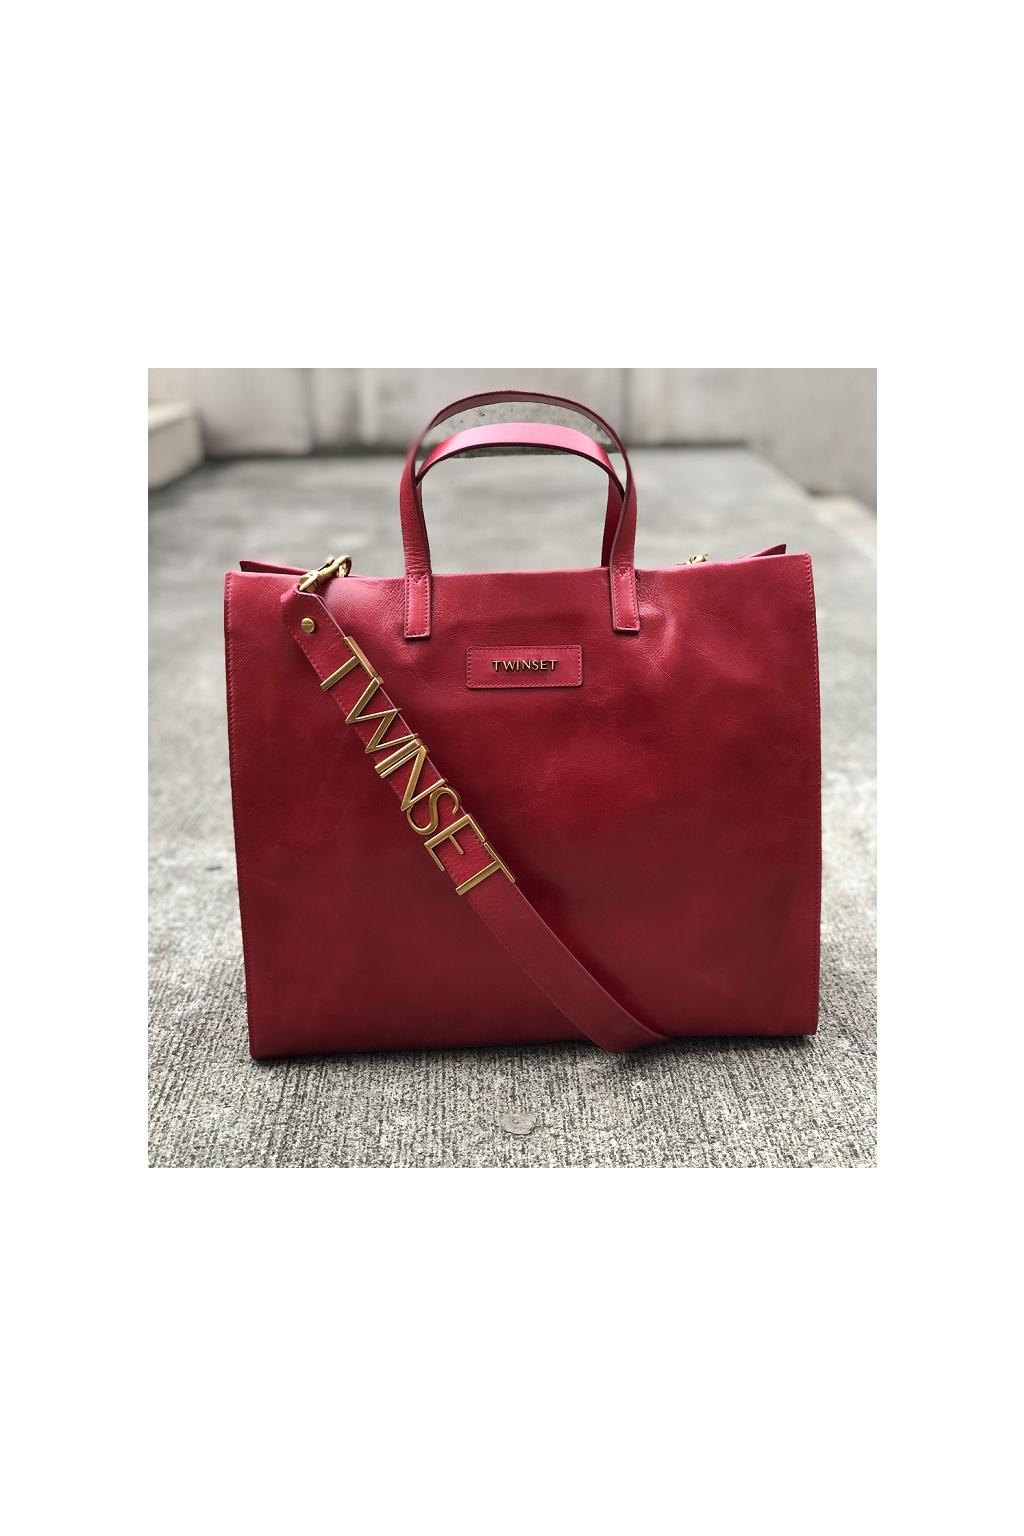 999TB7090 00034 Dámská kožená kabelka Twinset červená